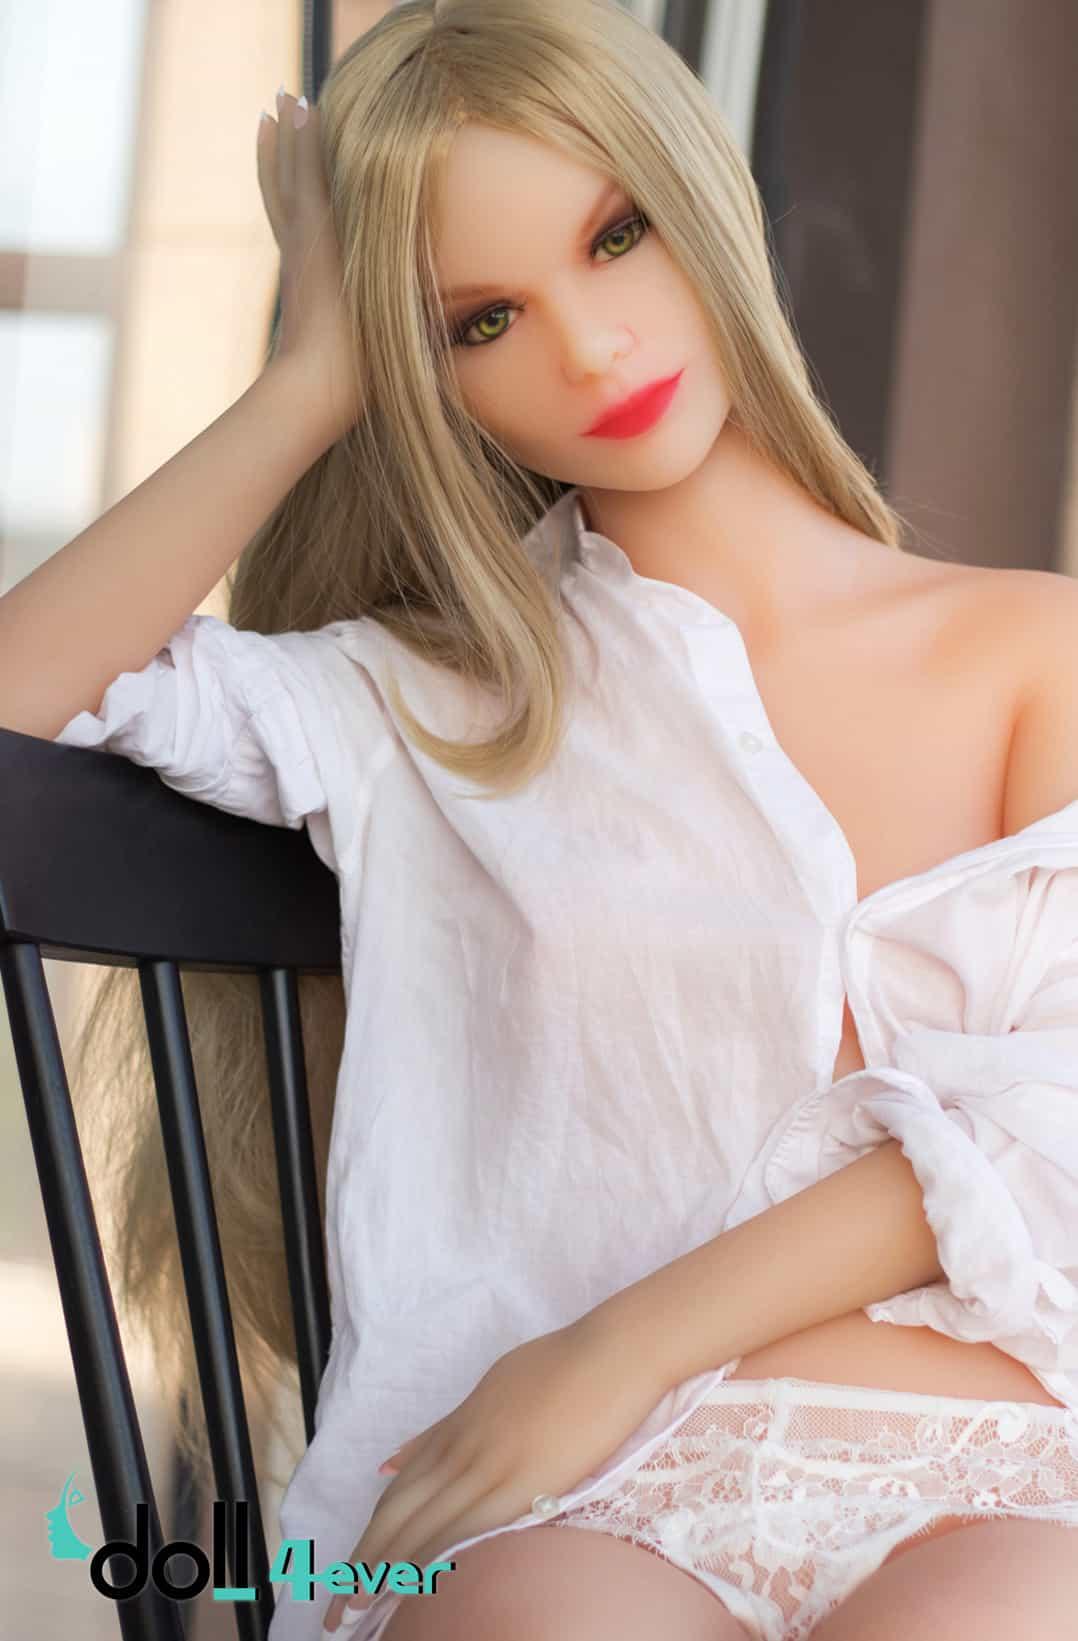 Aidra-Small-Breasted-sex-dolls-dirty-knights-sex-dolls-1 (7)